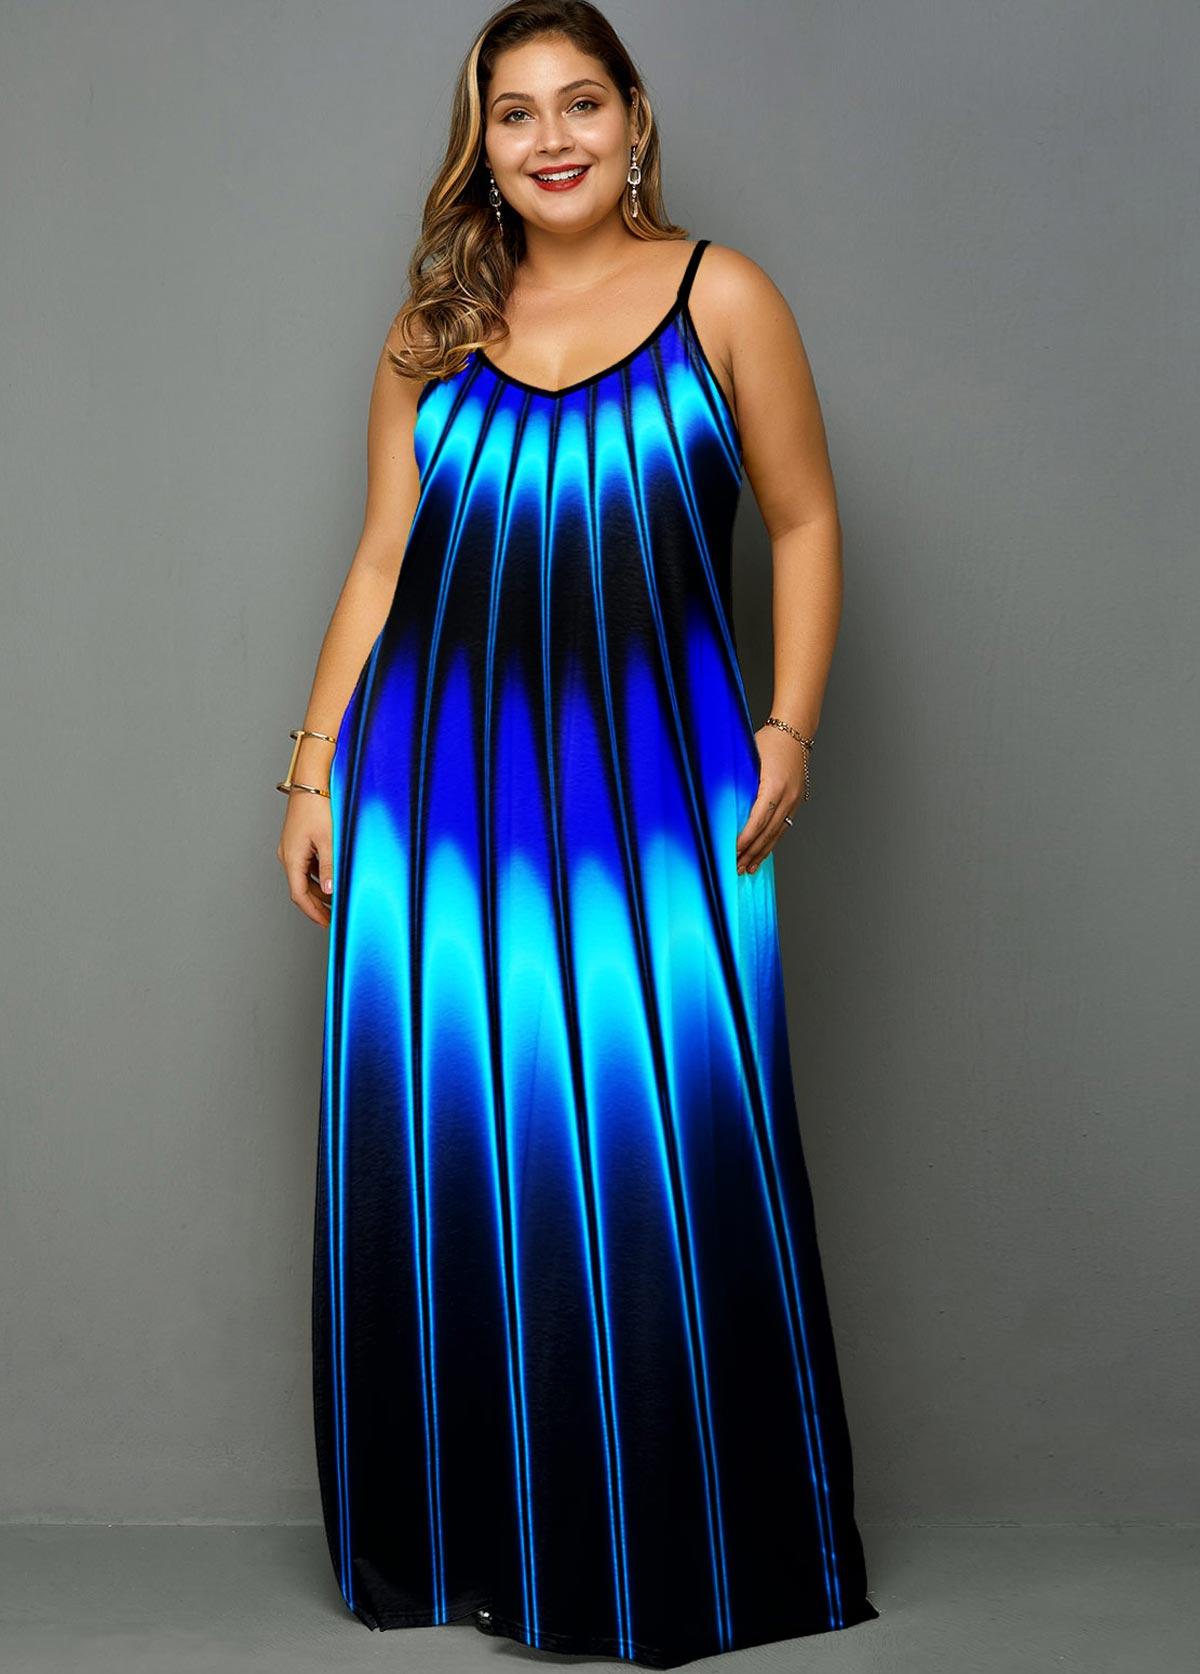 Stripe Print Spaghetti Strap Plus Size Dress